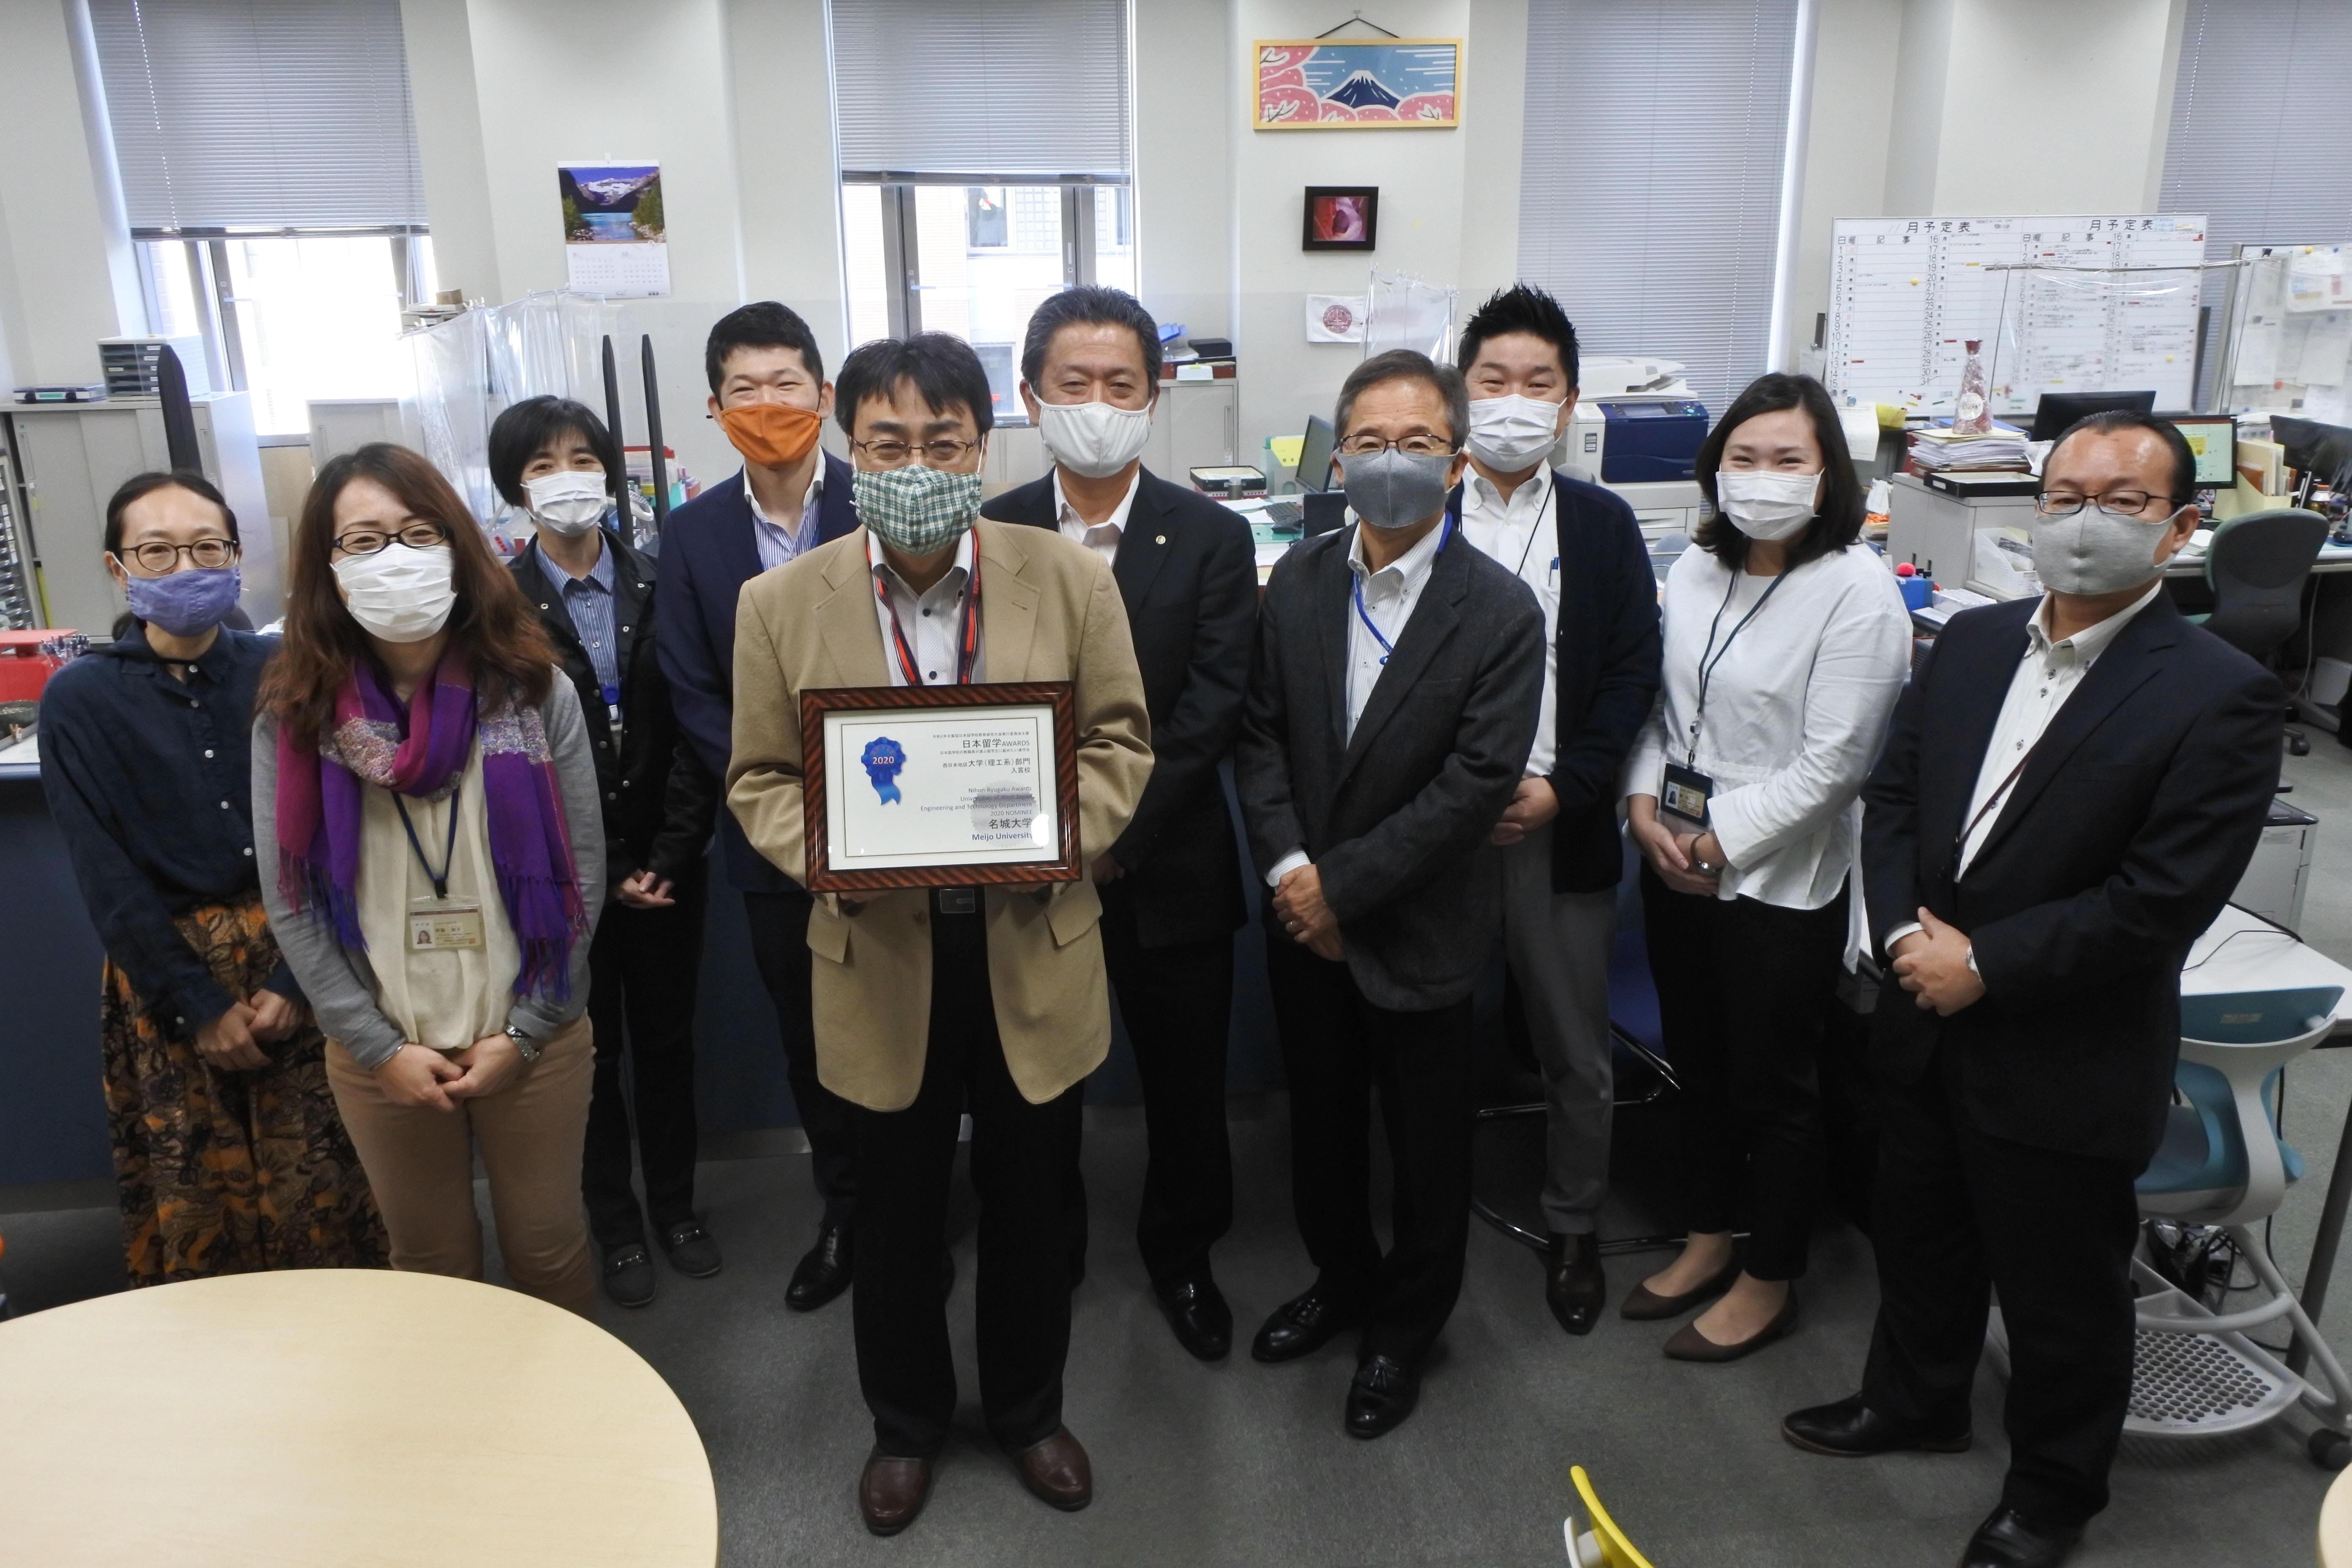 表彰状を手にする田中武憲国際化推進センター長と青山和順事務部長(中央)ら職員